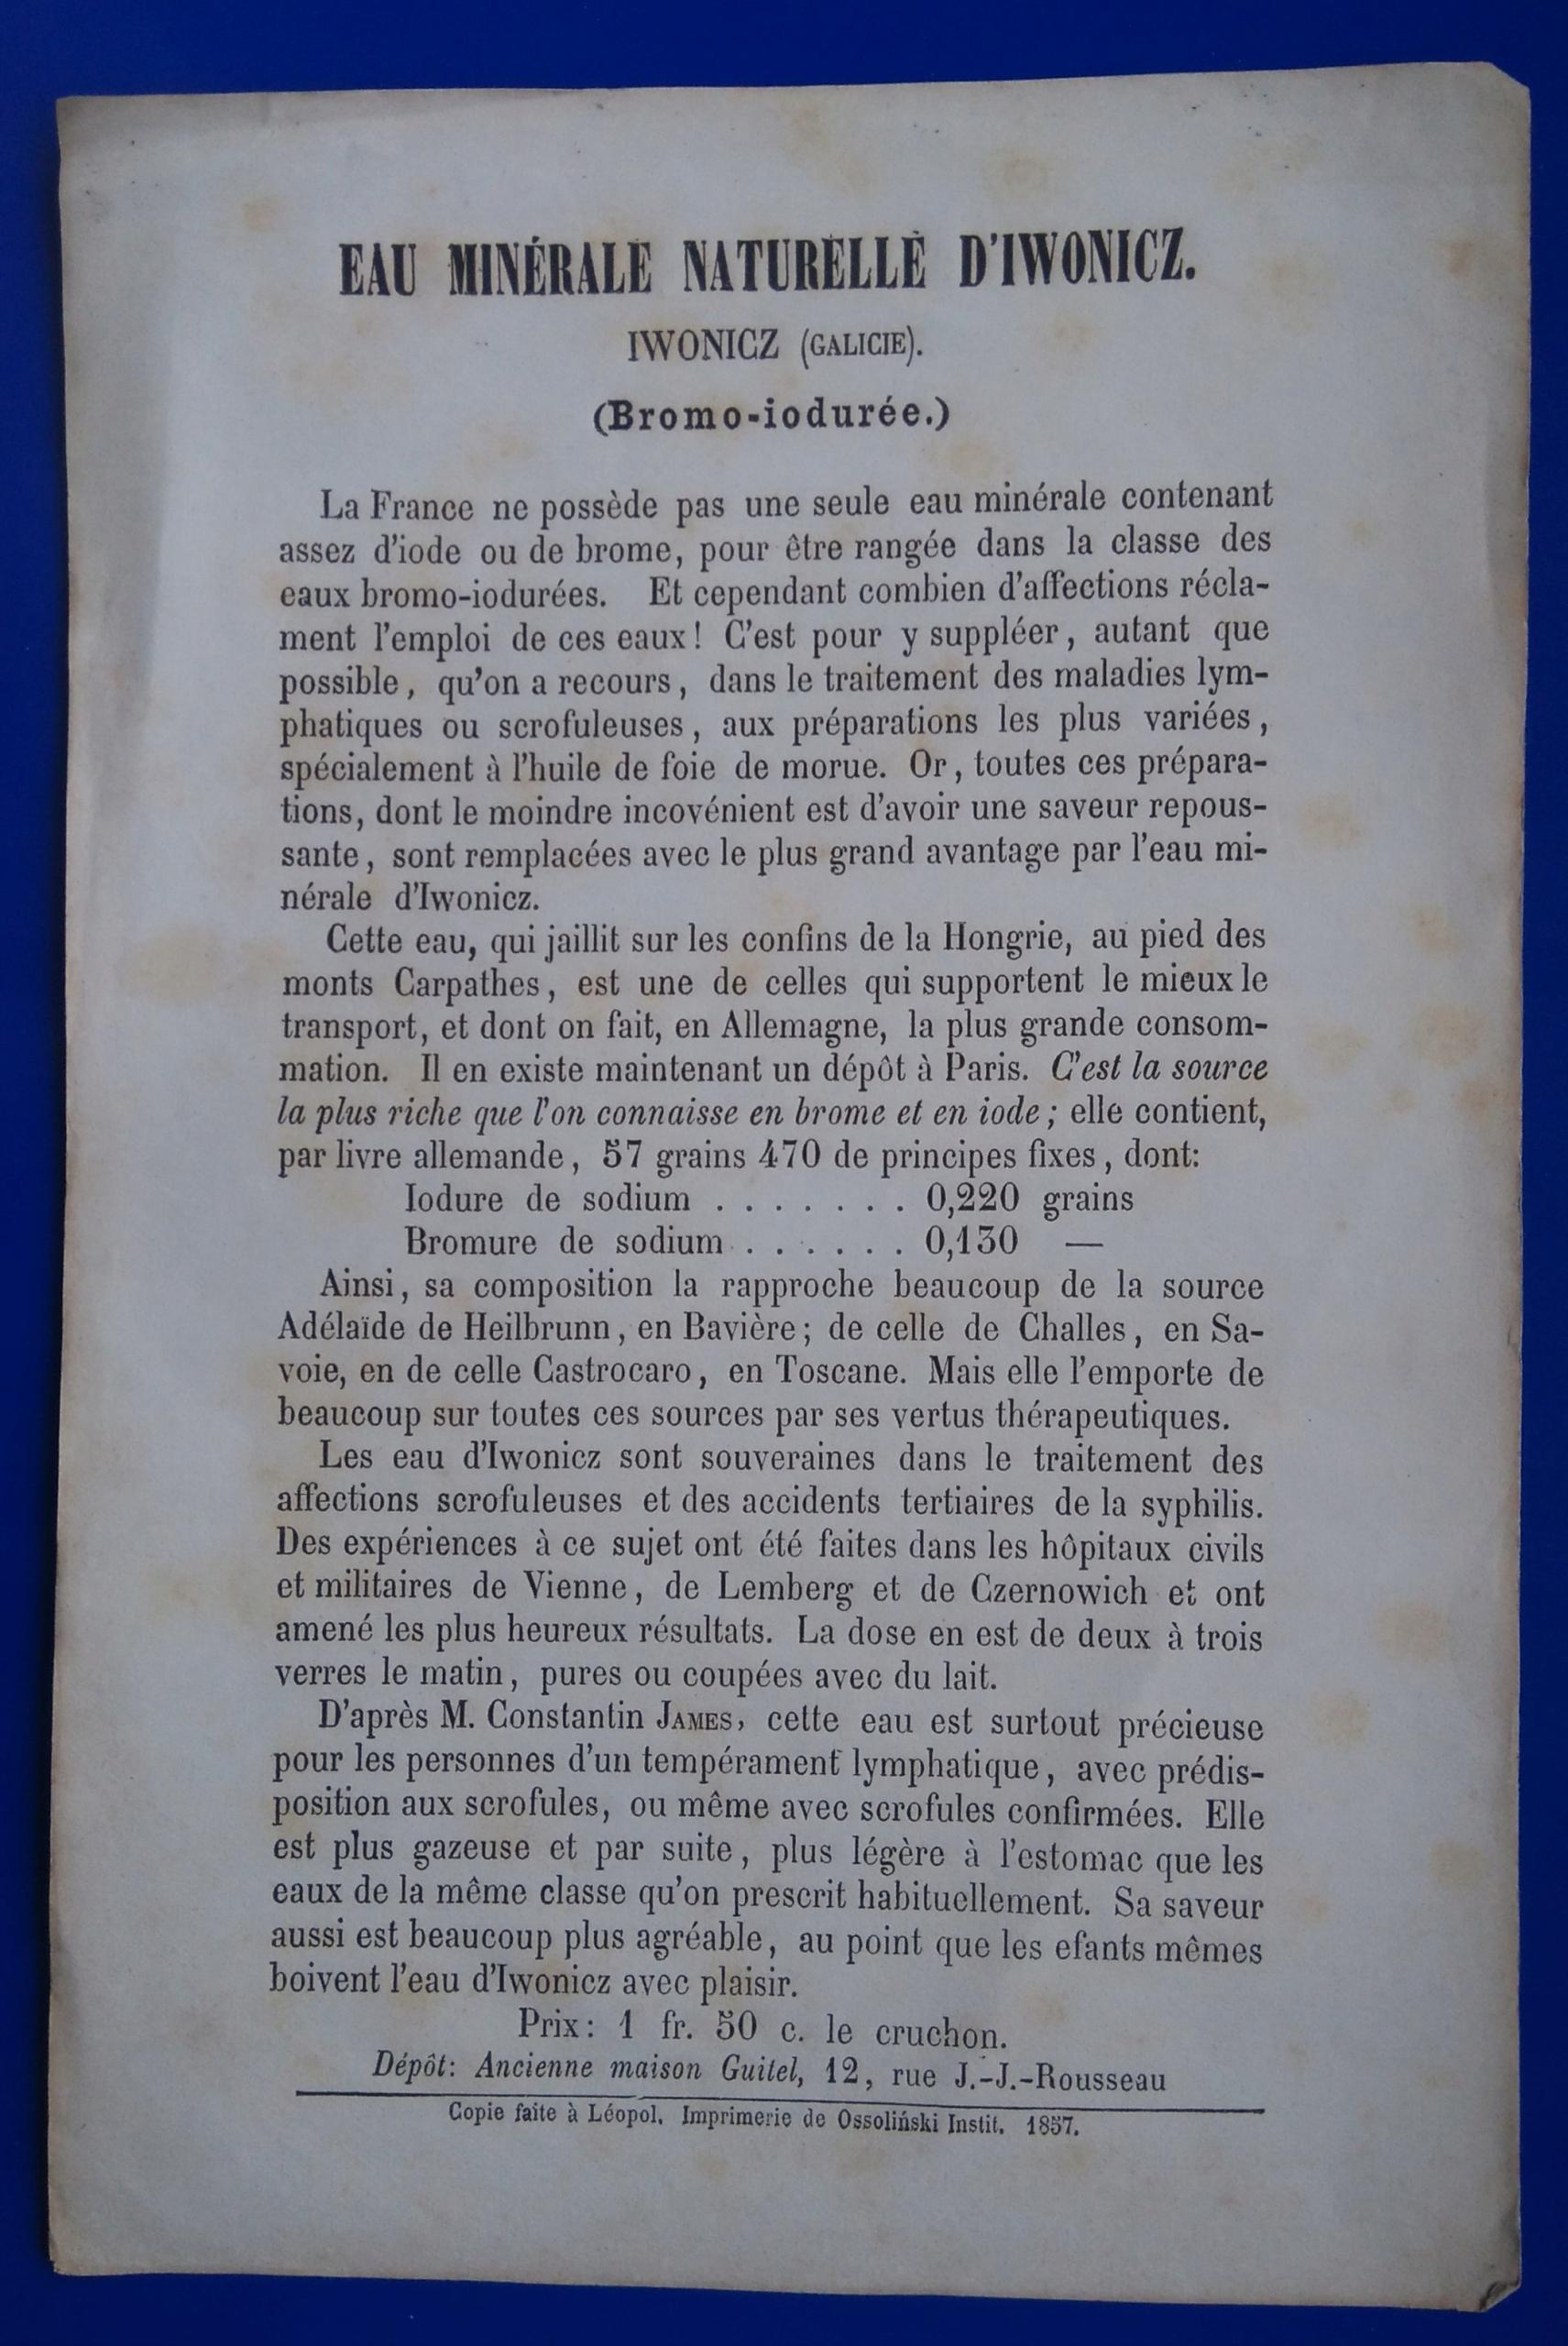 Ulotka,reklama, wody mineralne Iwonicz Zdrój,1857r